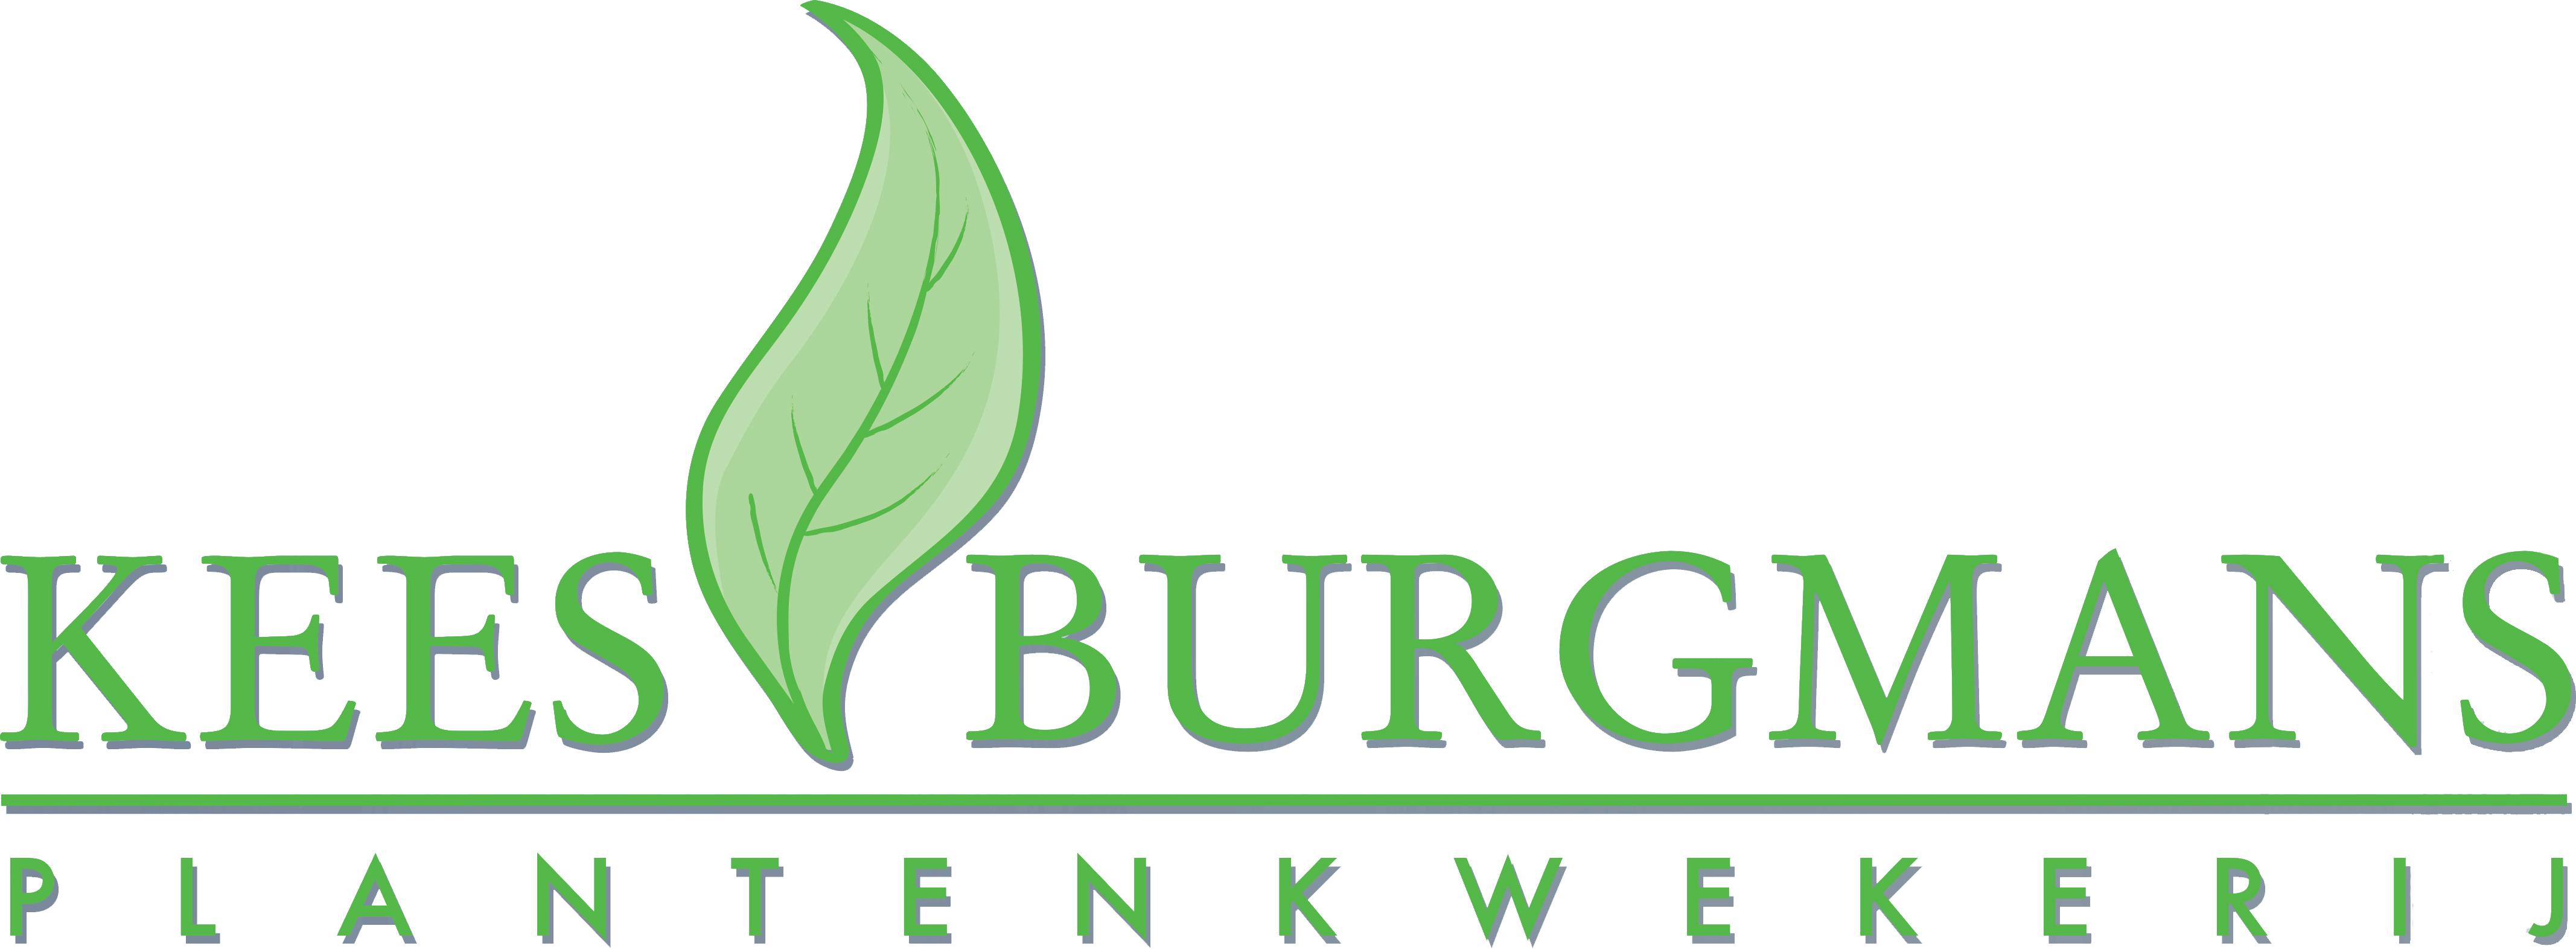 www.keesburgmans.nl